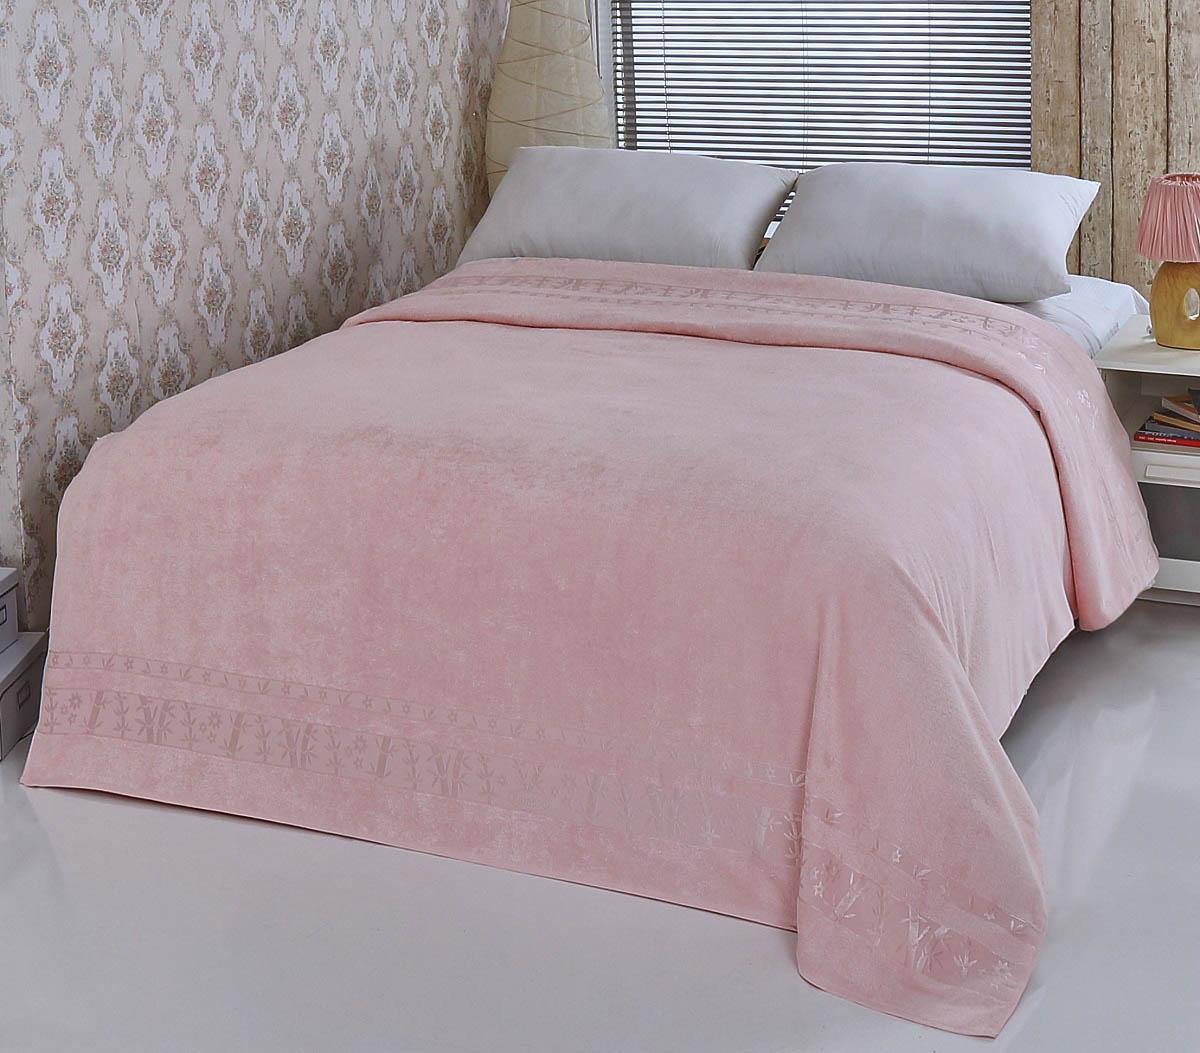 Купить Простыни Pupilla, Покрывало-простыня Elit Цвет: Розовый (200х220 см), Турция, Бамбуковая махра